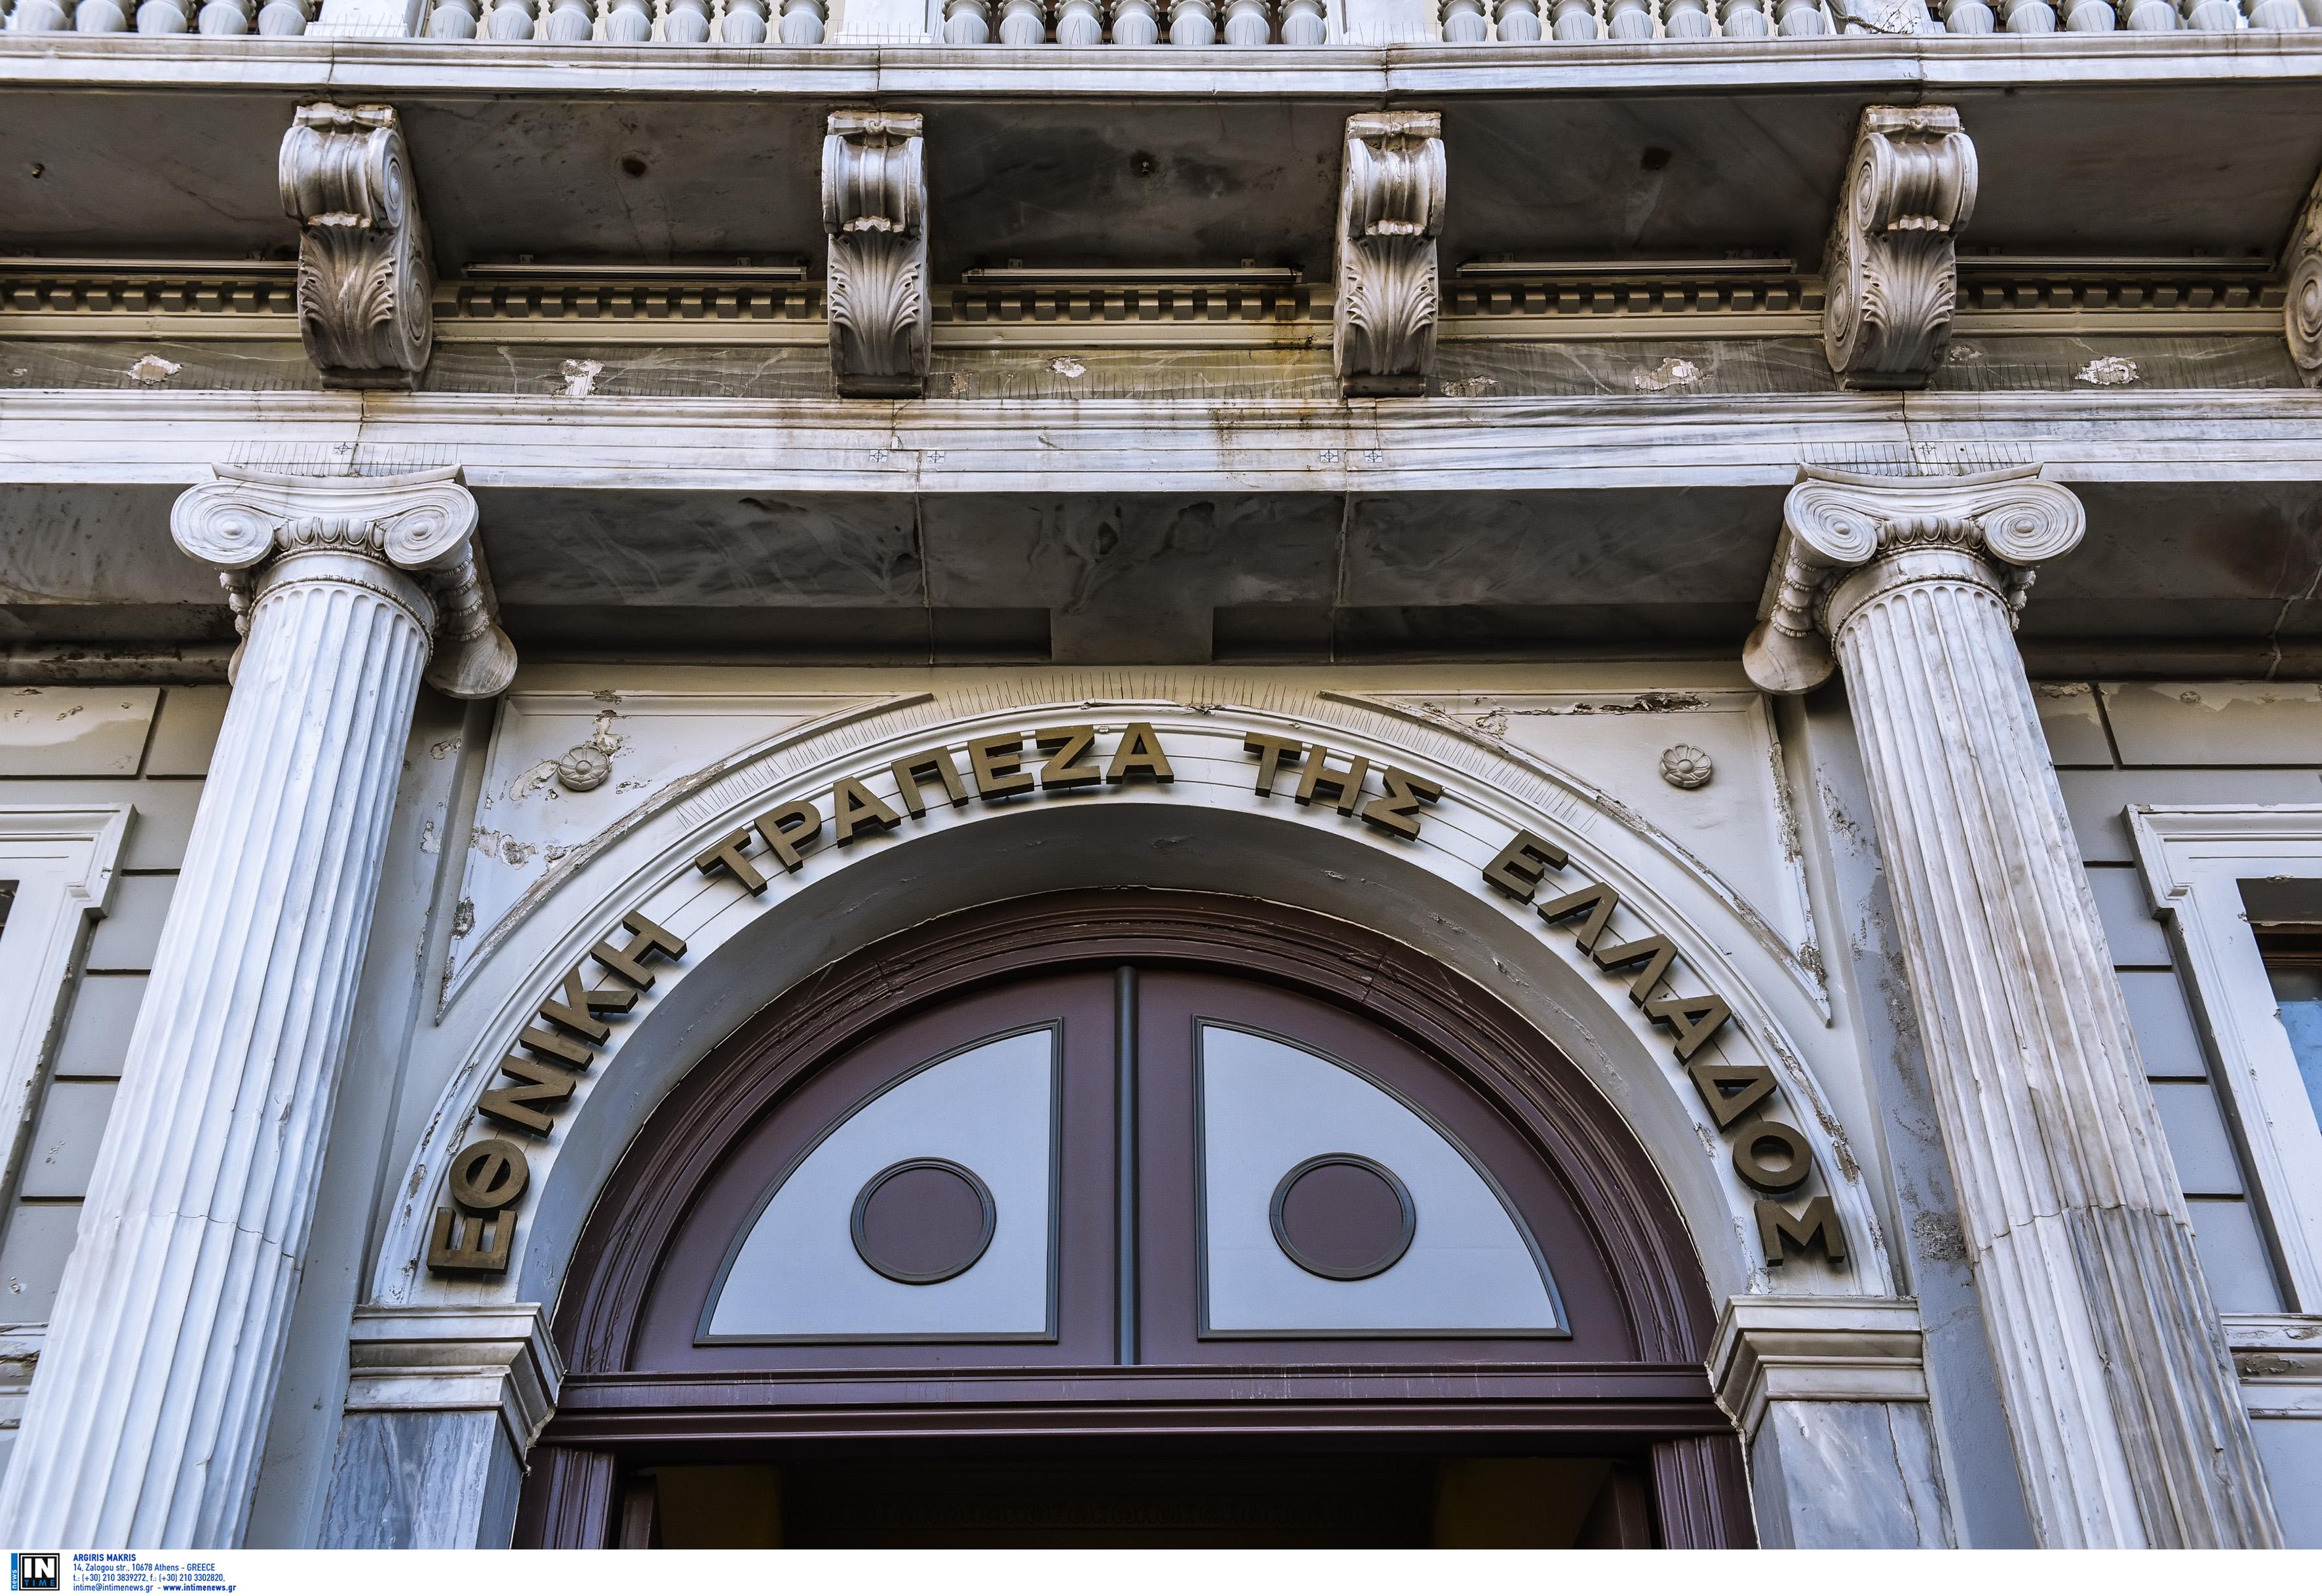 Εθνική Τράπεζα: Κέρδη μετά φόρων 53 εκατ. ευρώ το 2016   tovima.gr